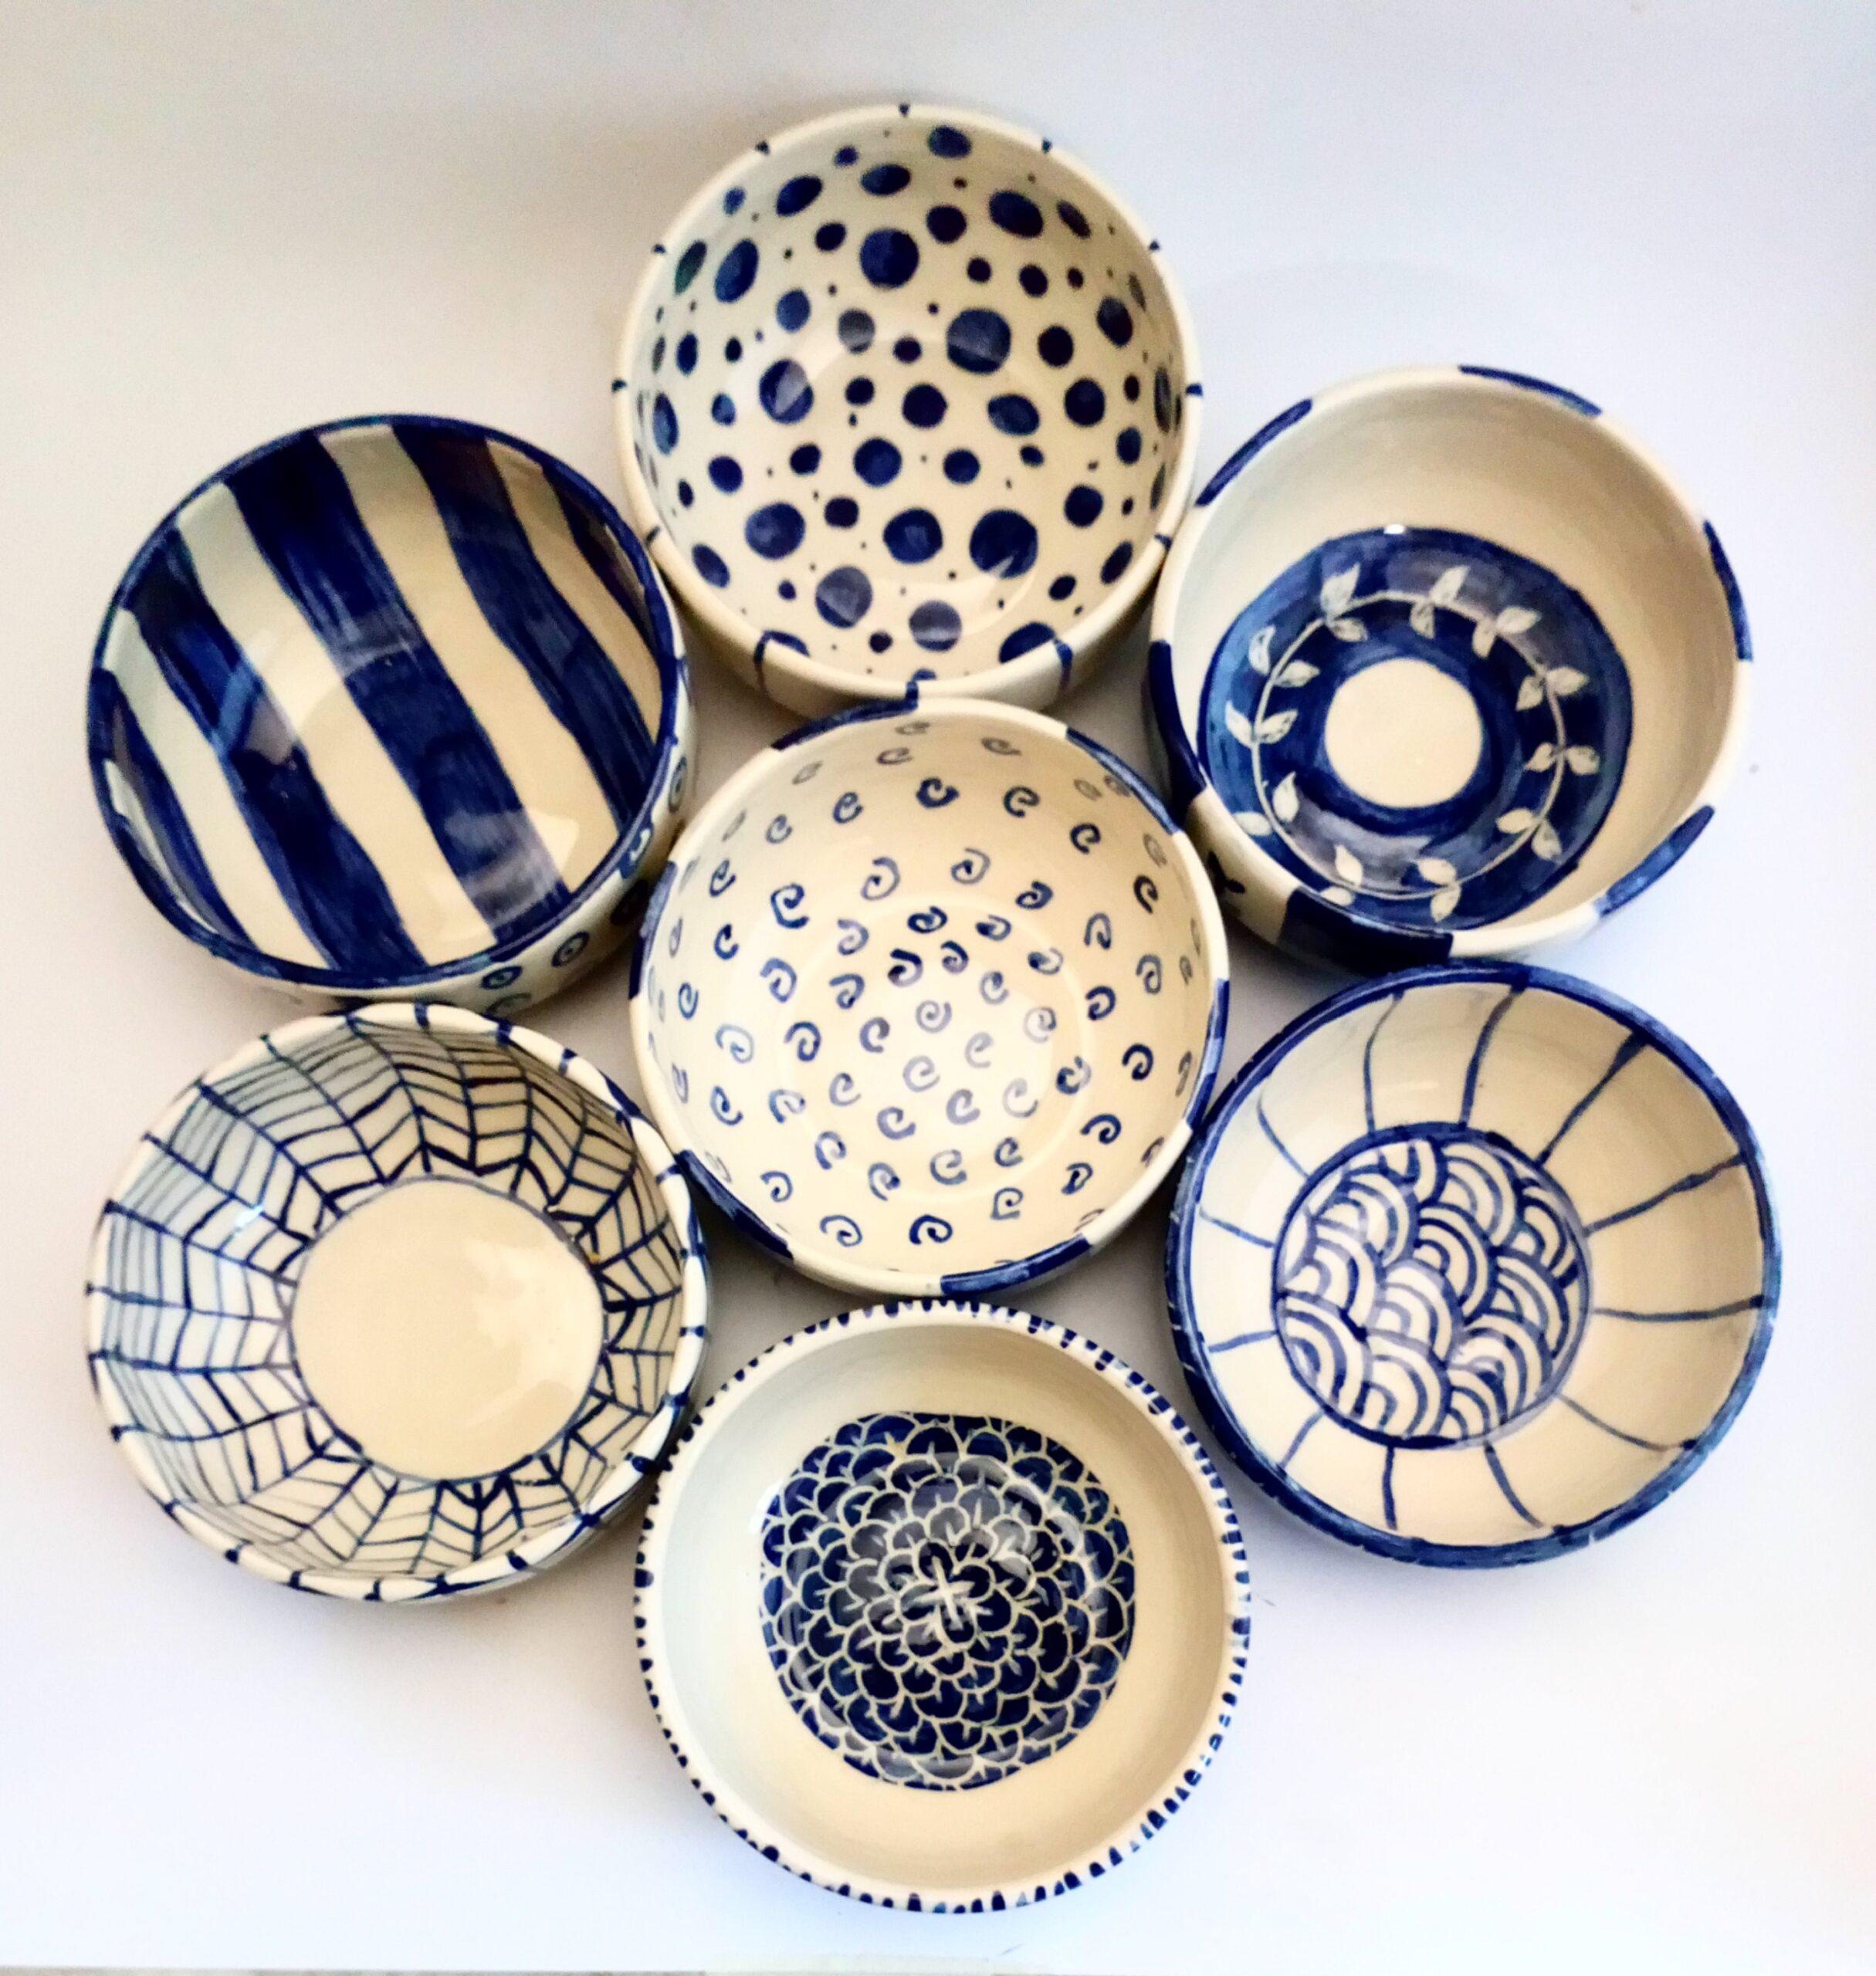 Bol de GEA cerámica artesanal 2